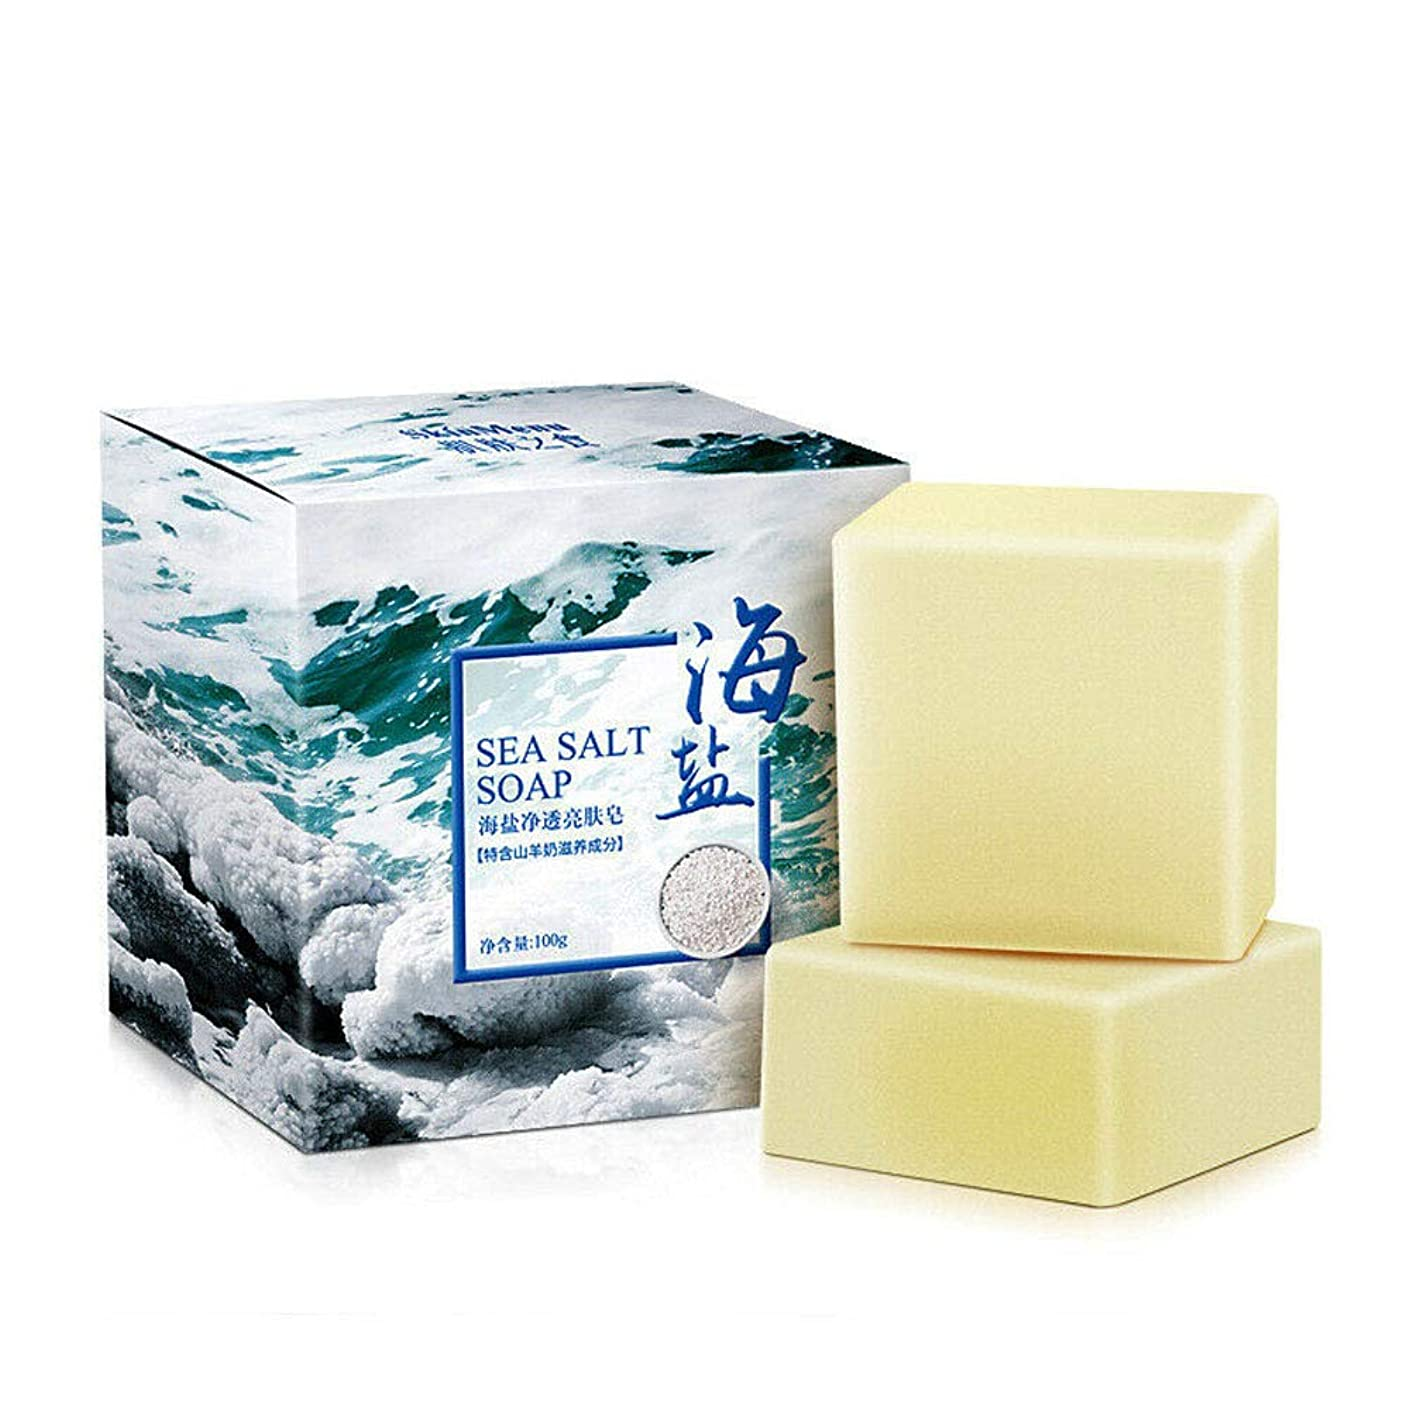 煙盲目ワームせっけん 石鹸 海塩 山羊乳 洗顔 ボディ用 浴用せっけん しっとり肌 植物性 無添加 白い 100g×1個入 (#2)